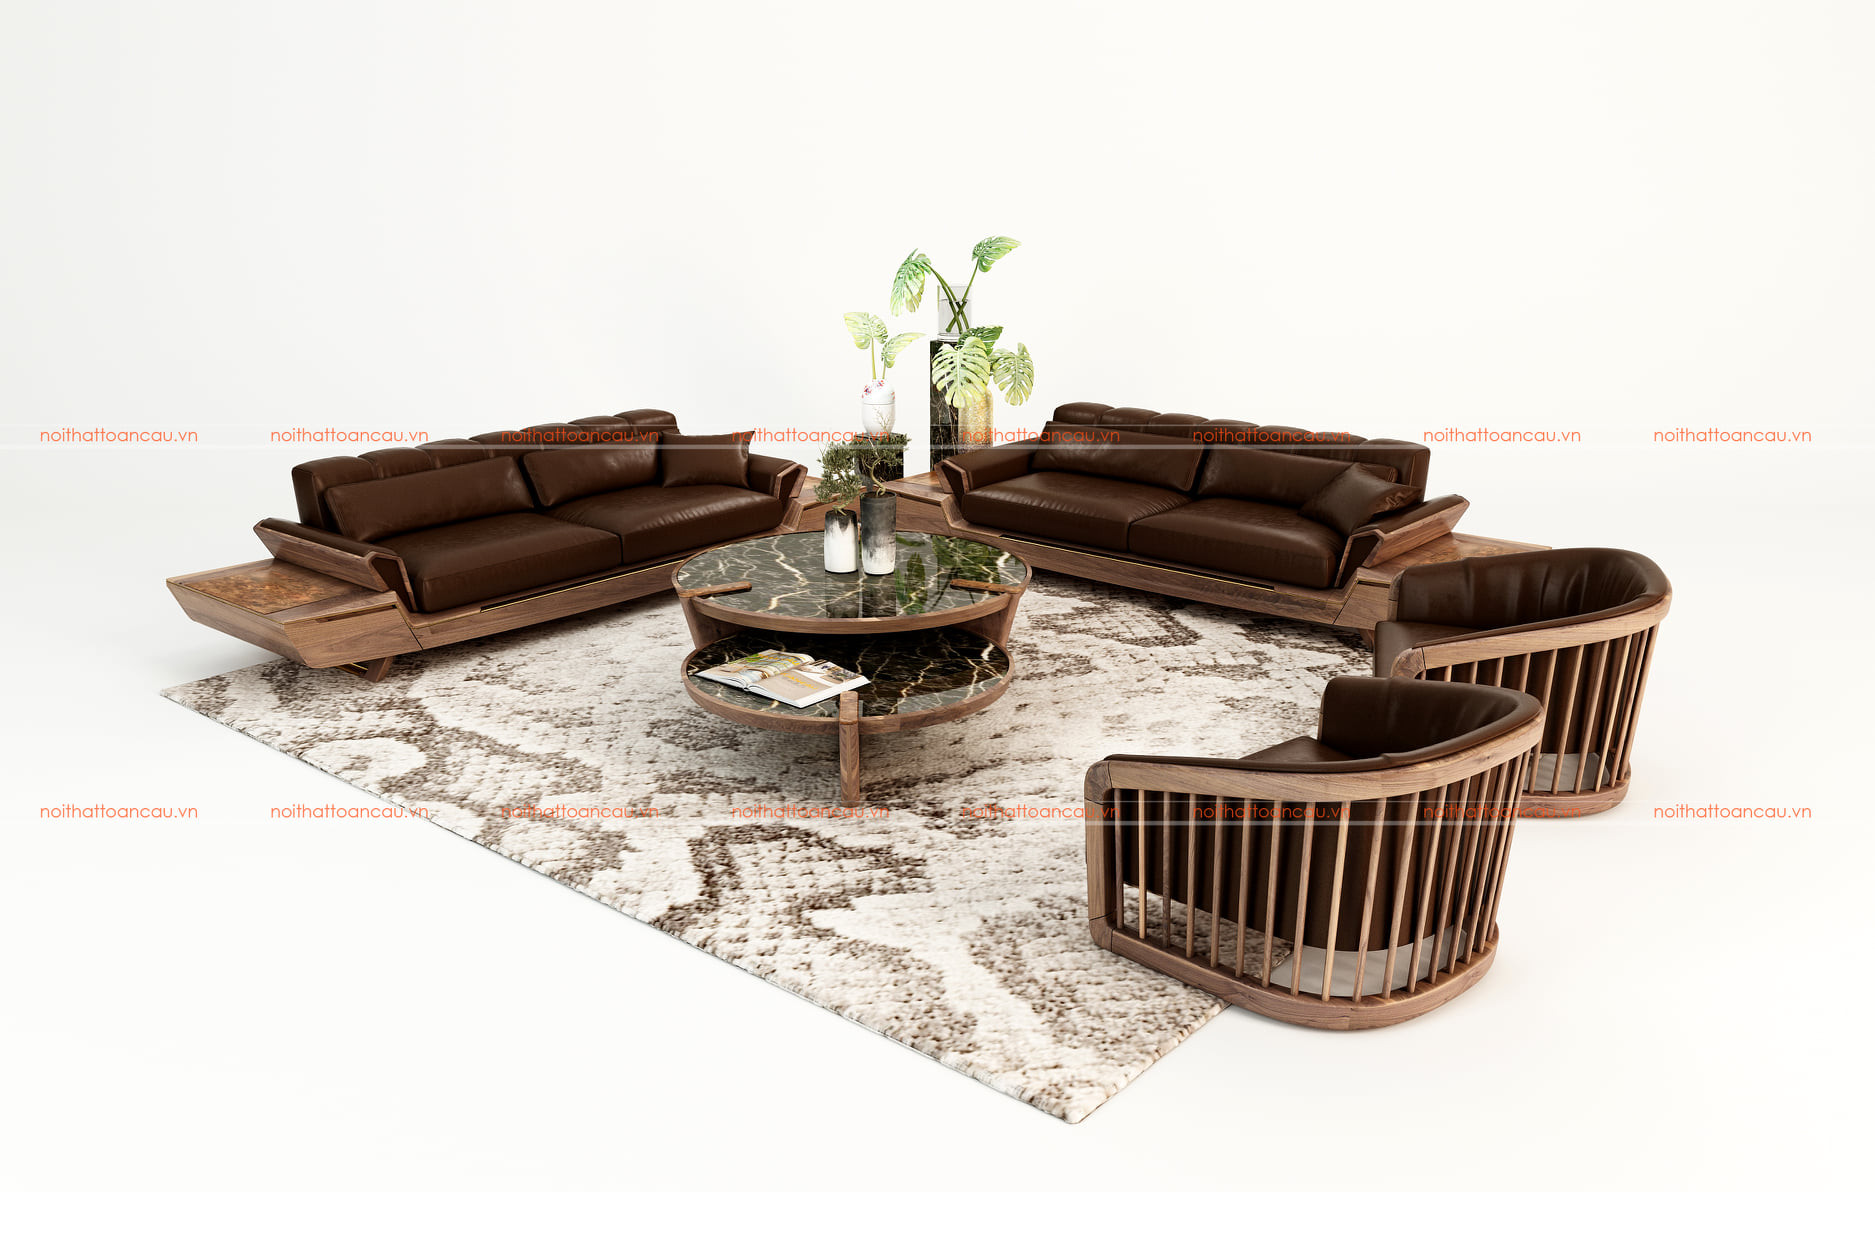 Bộ bàn ghế phòng khách bằng gỗ óc chó tự nhiên - TC146 b